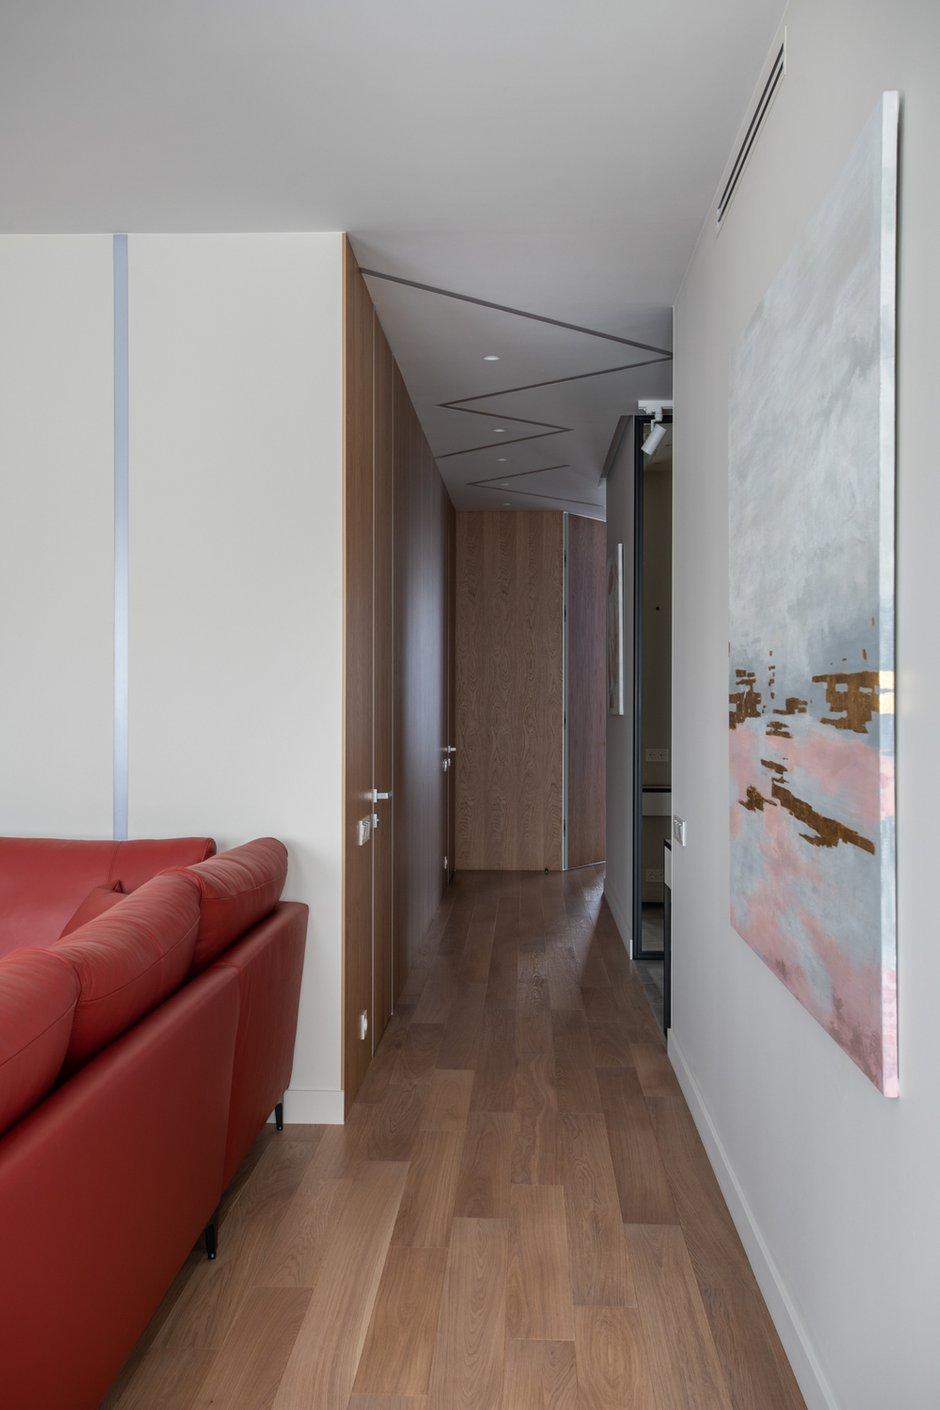 Стеновые панели с вертикальной текстурой дерева подчеркивают высоту потолка и позволяют удачно обыграть длинный коридор.